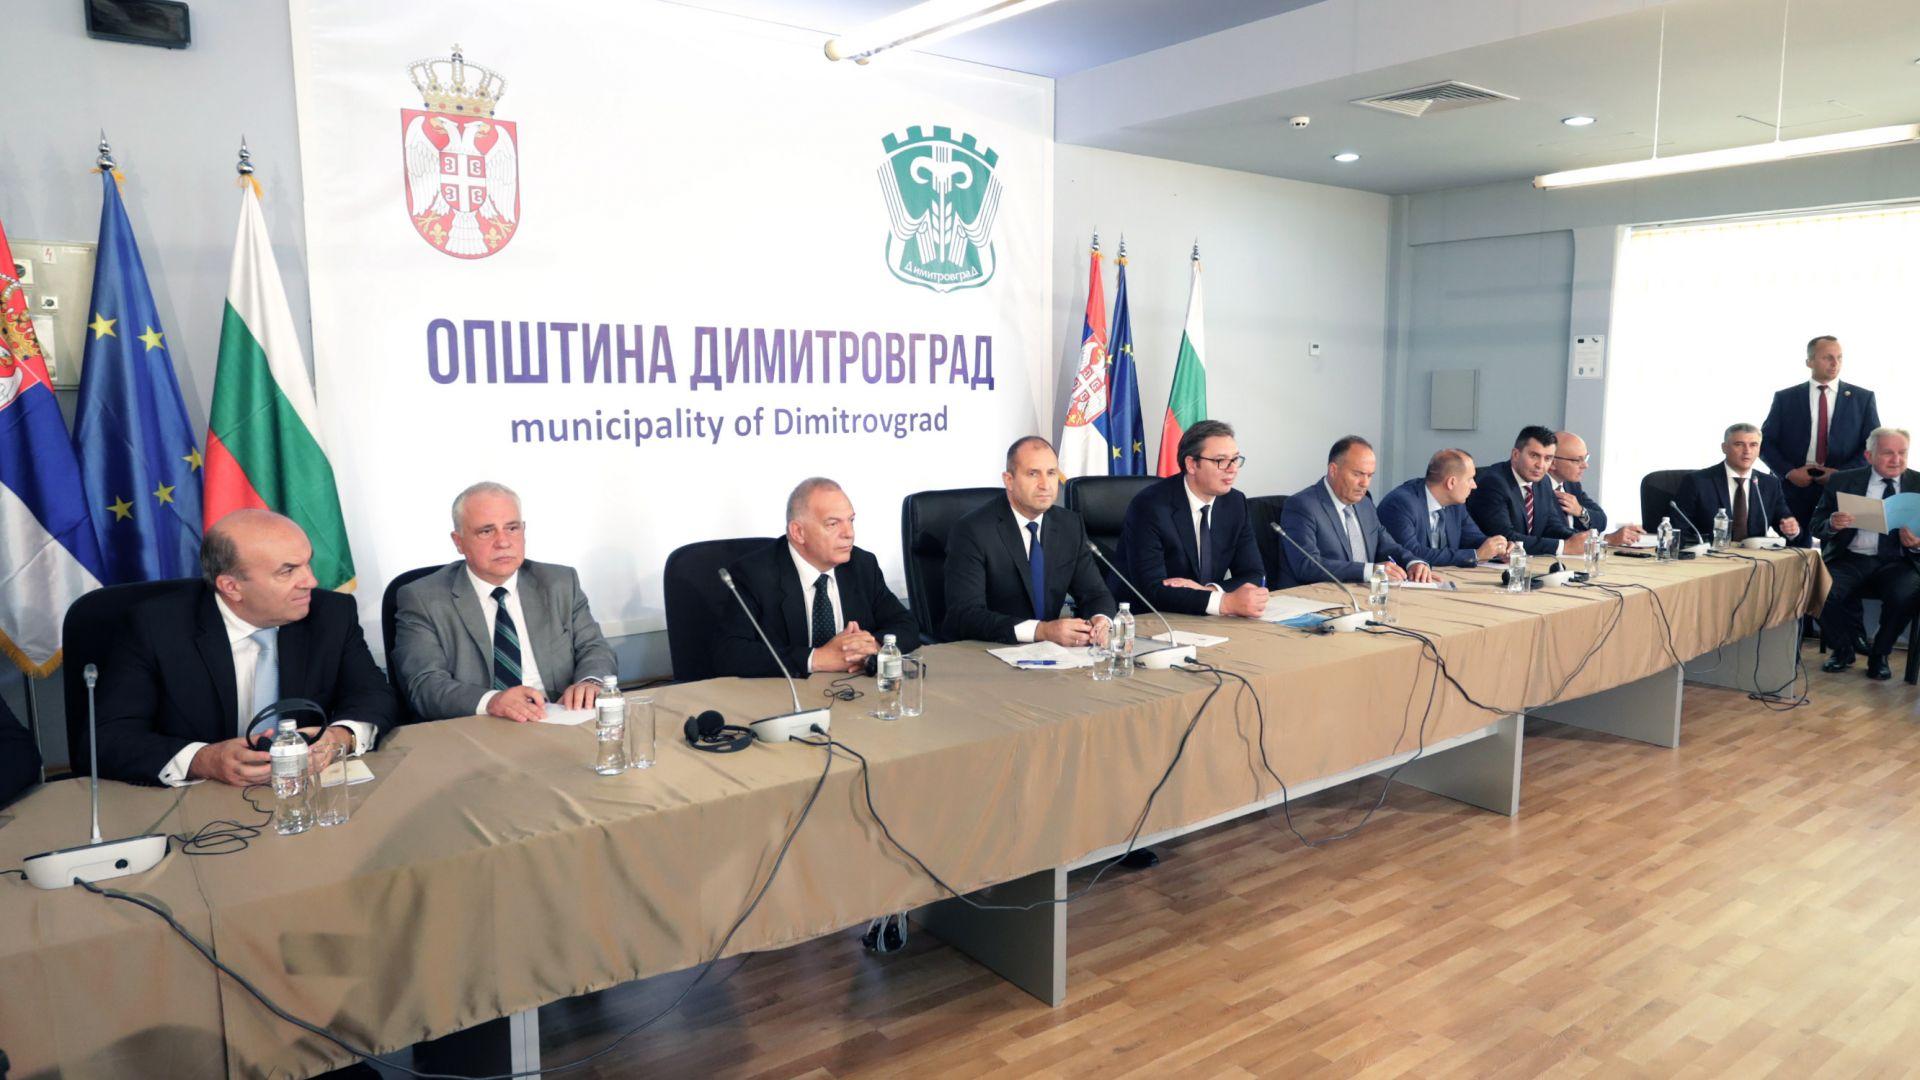 Румен Радев и  Александър Вучич се срещнаха с представители на българското национално малцинство в Димитровгра